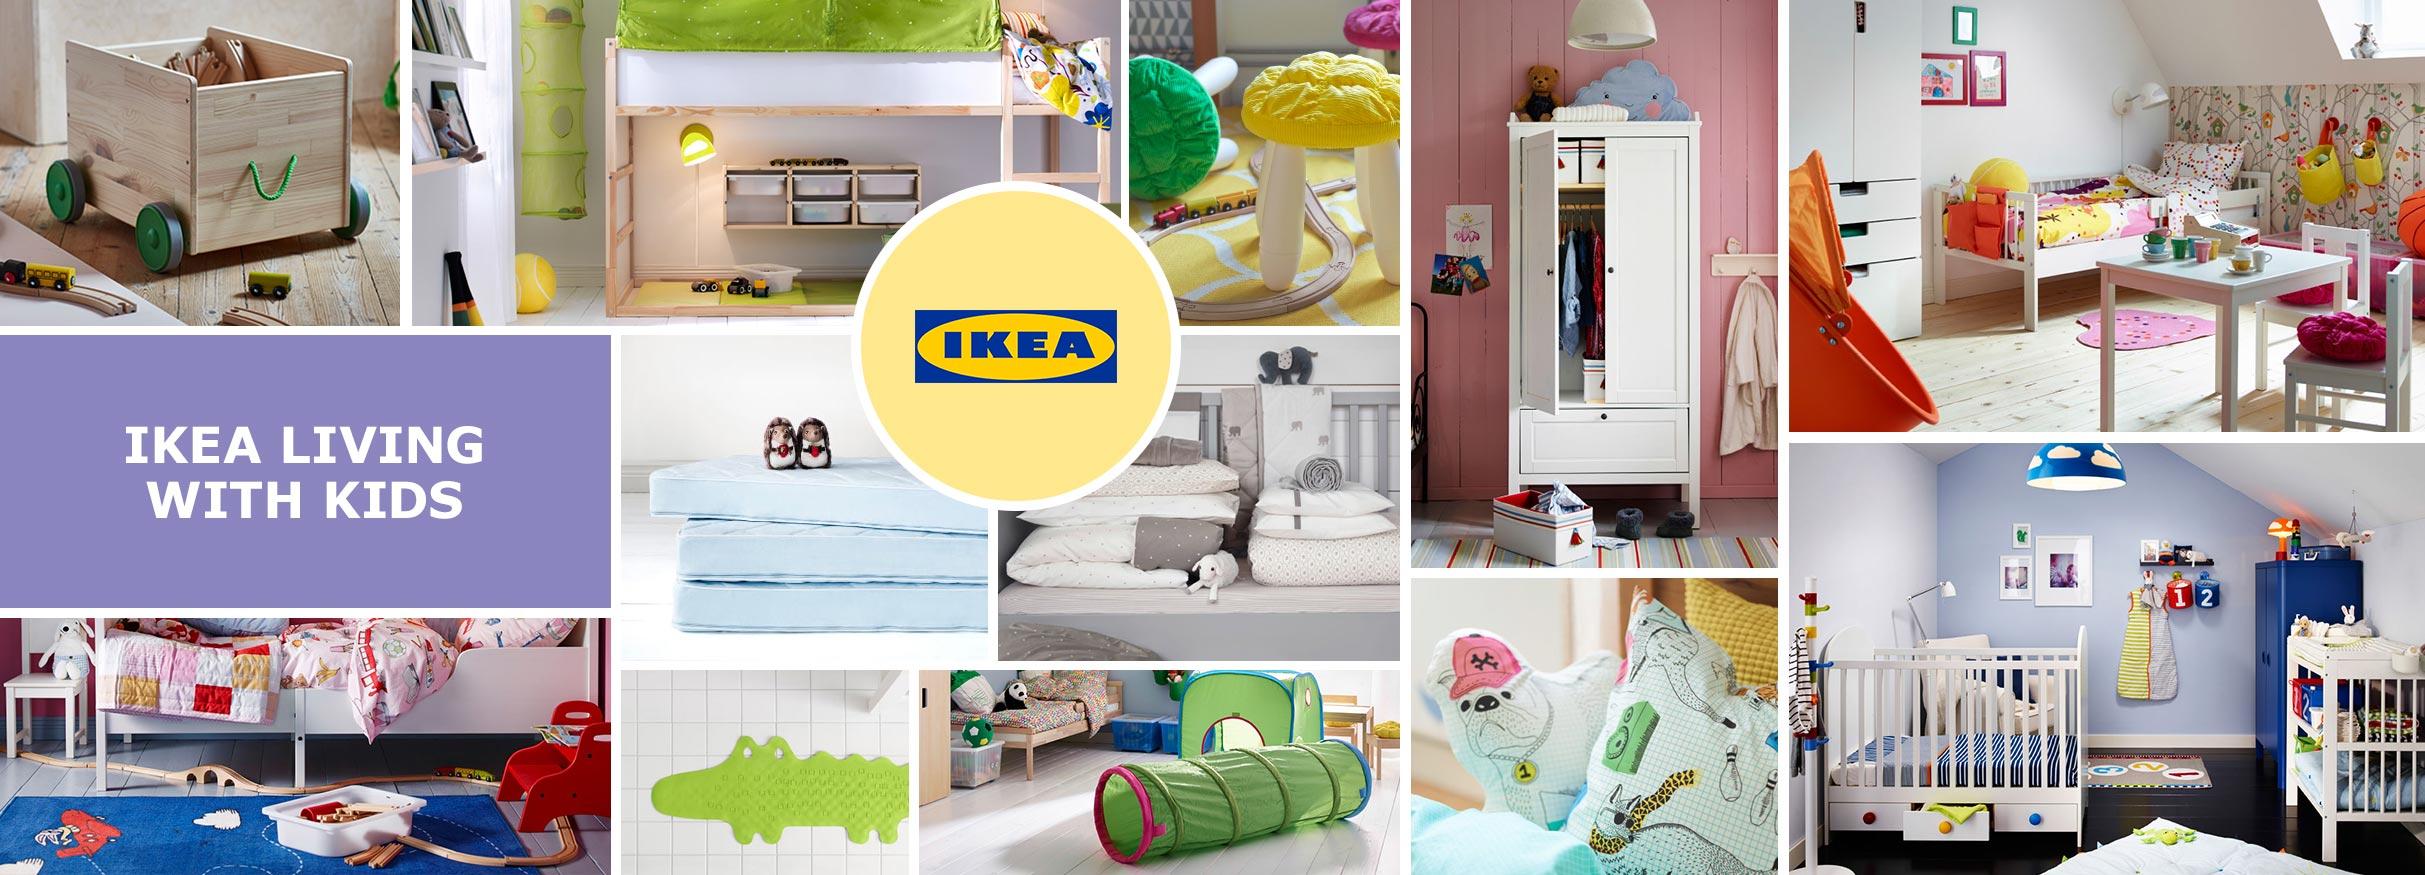 ikea-children's-sector